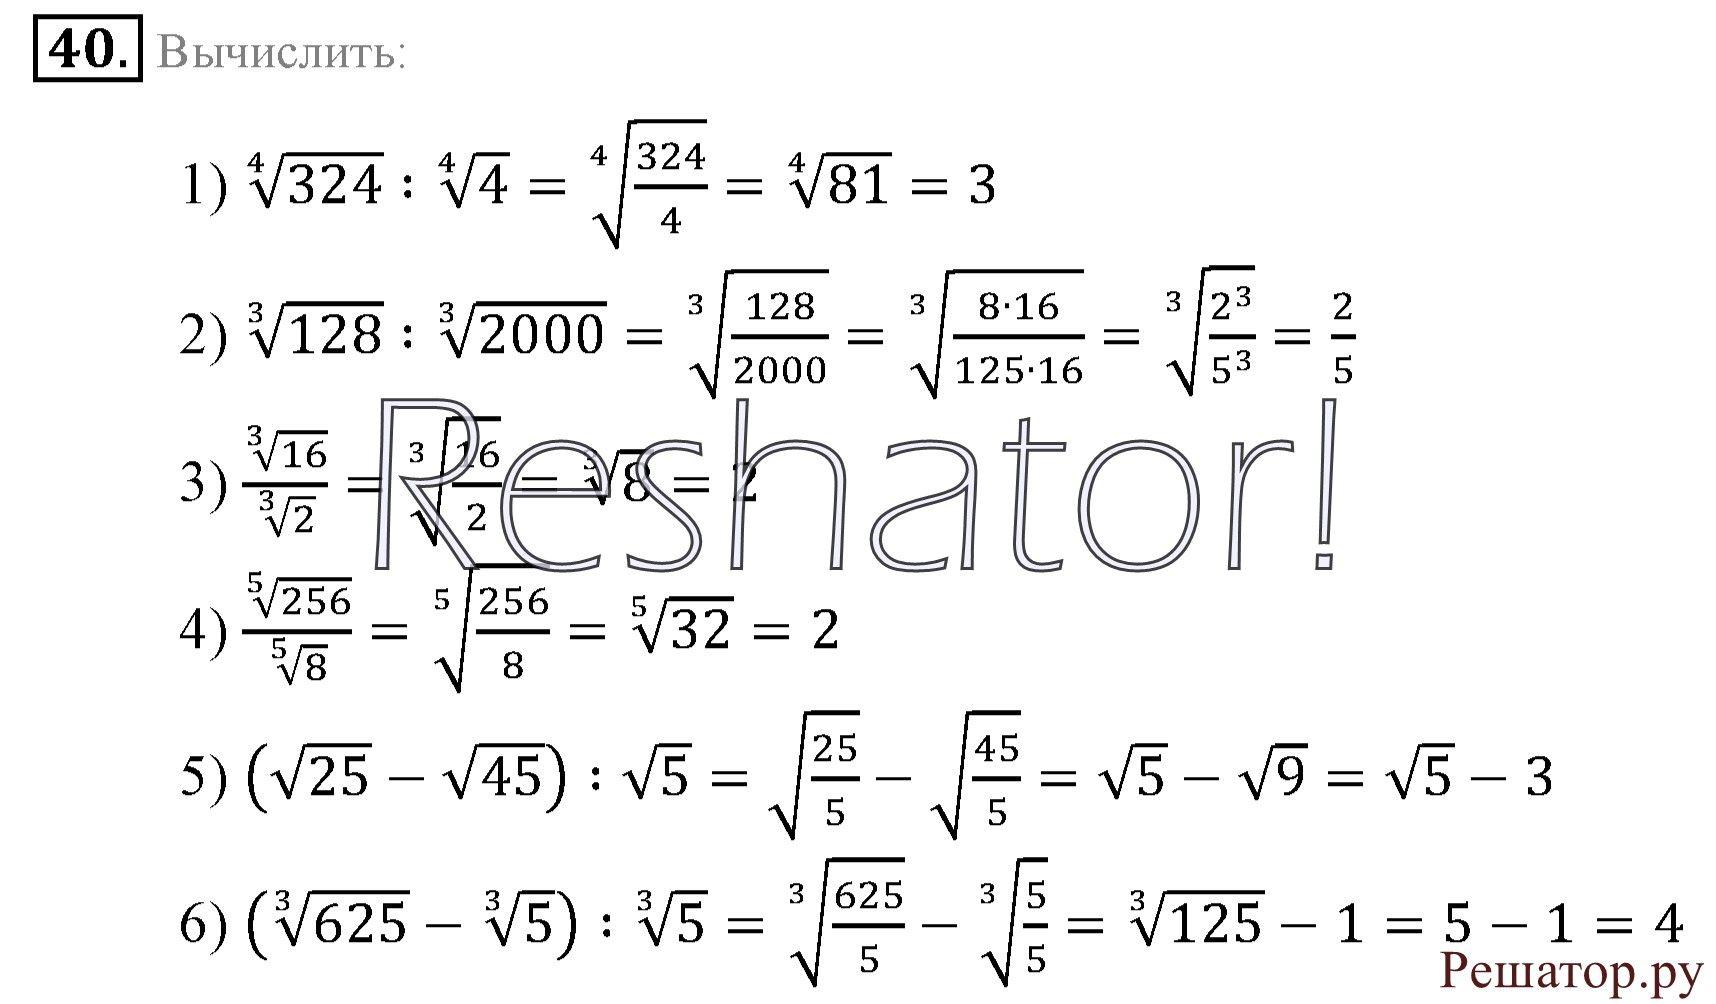 Гдз по алгебре 11 класс | Алгебра, Учебник, Математика